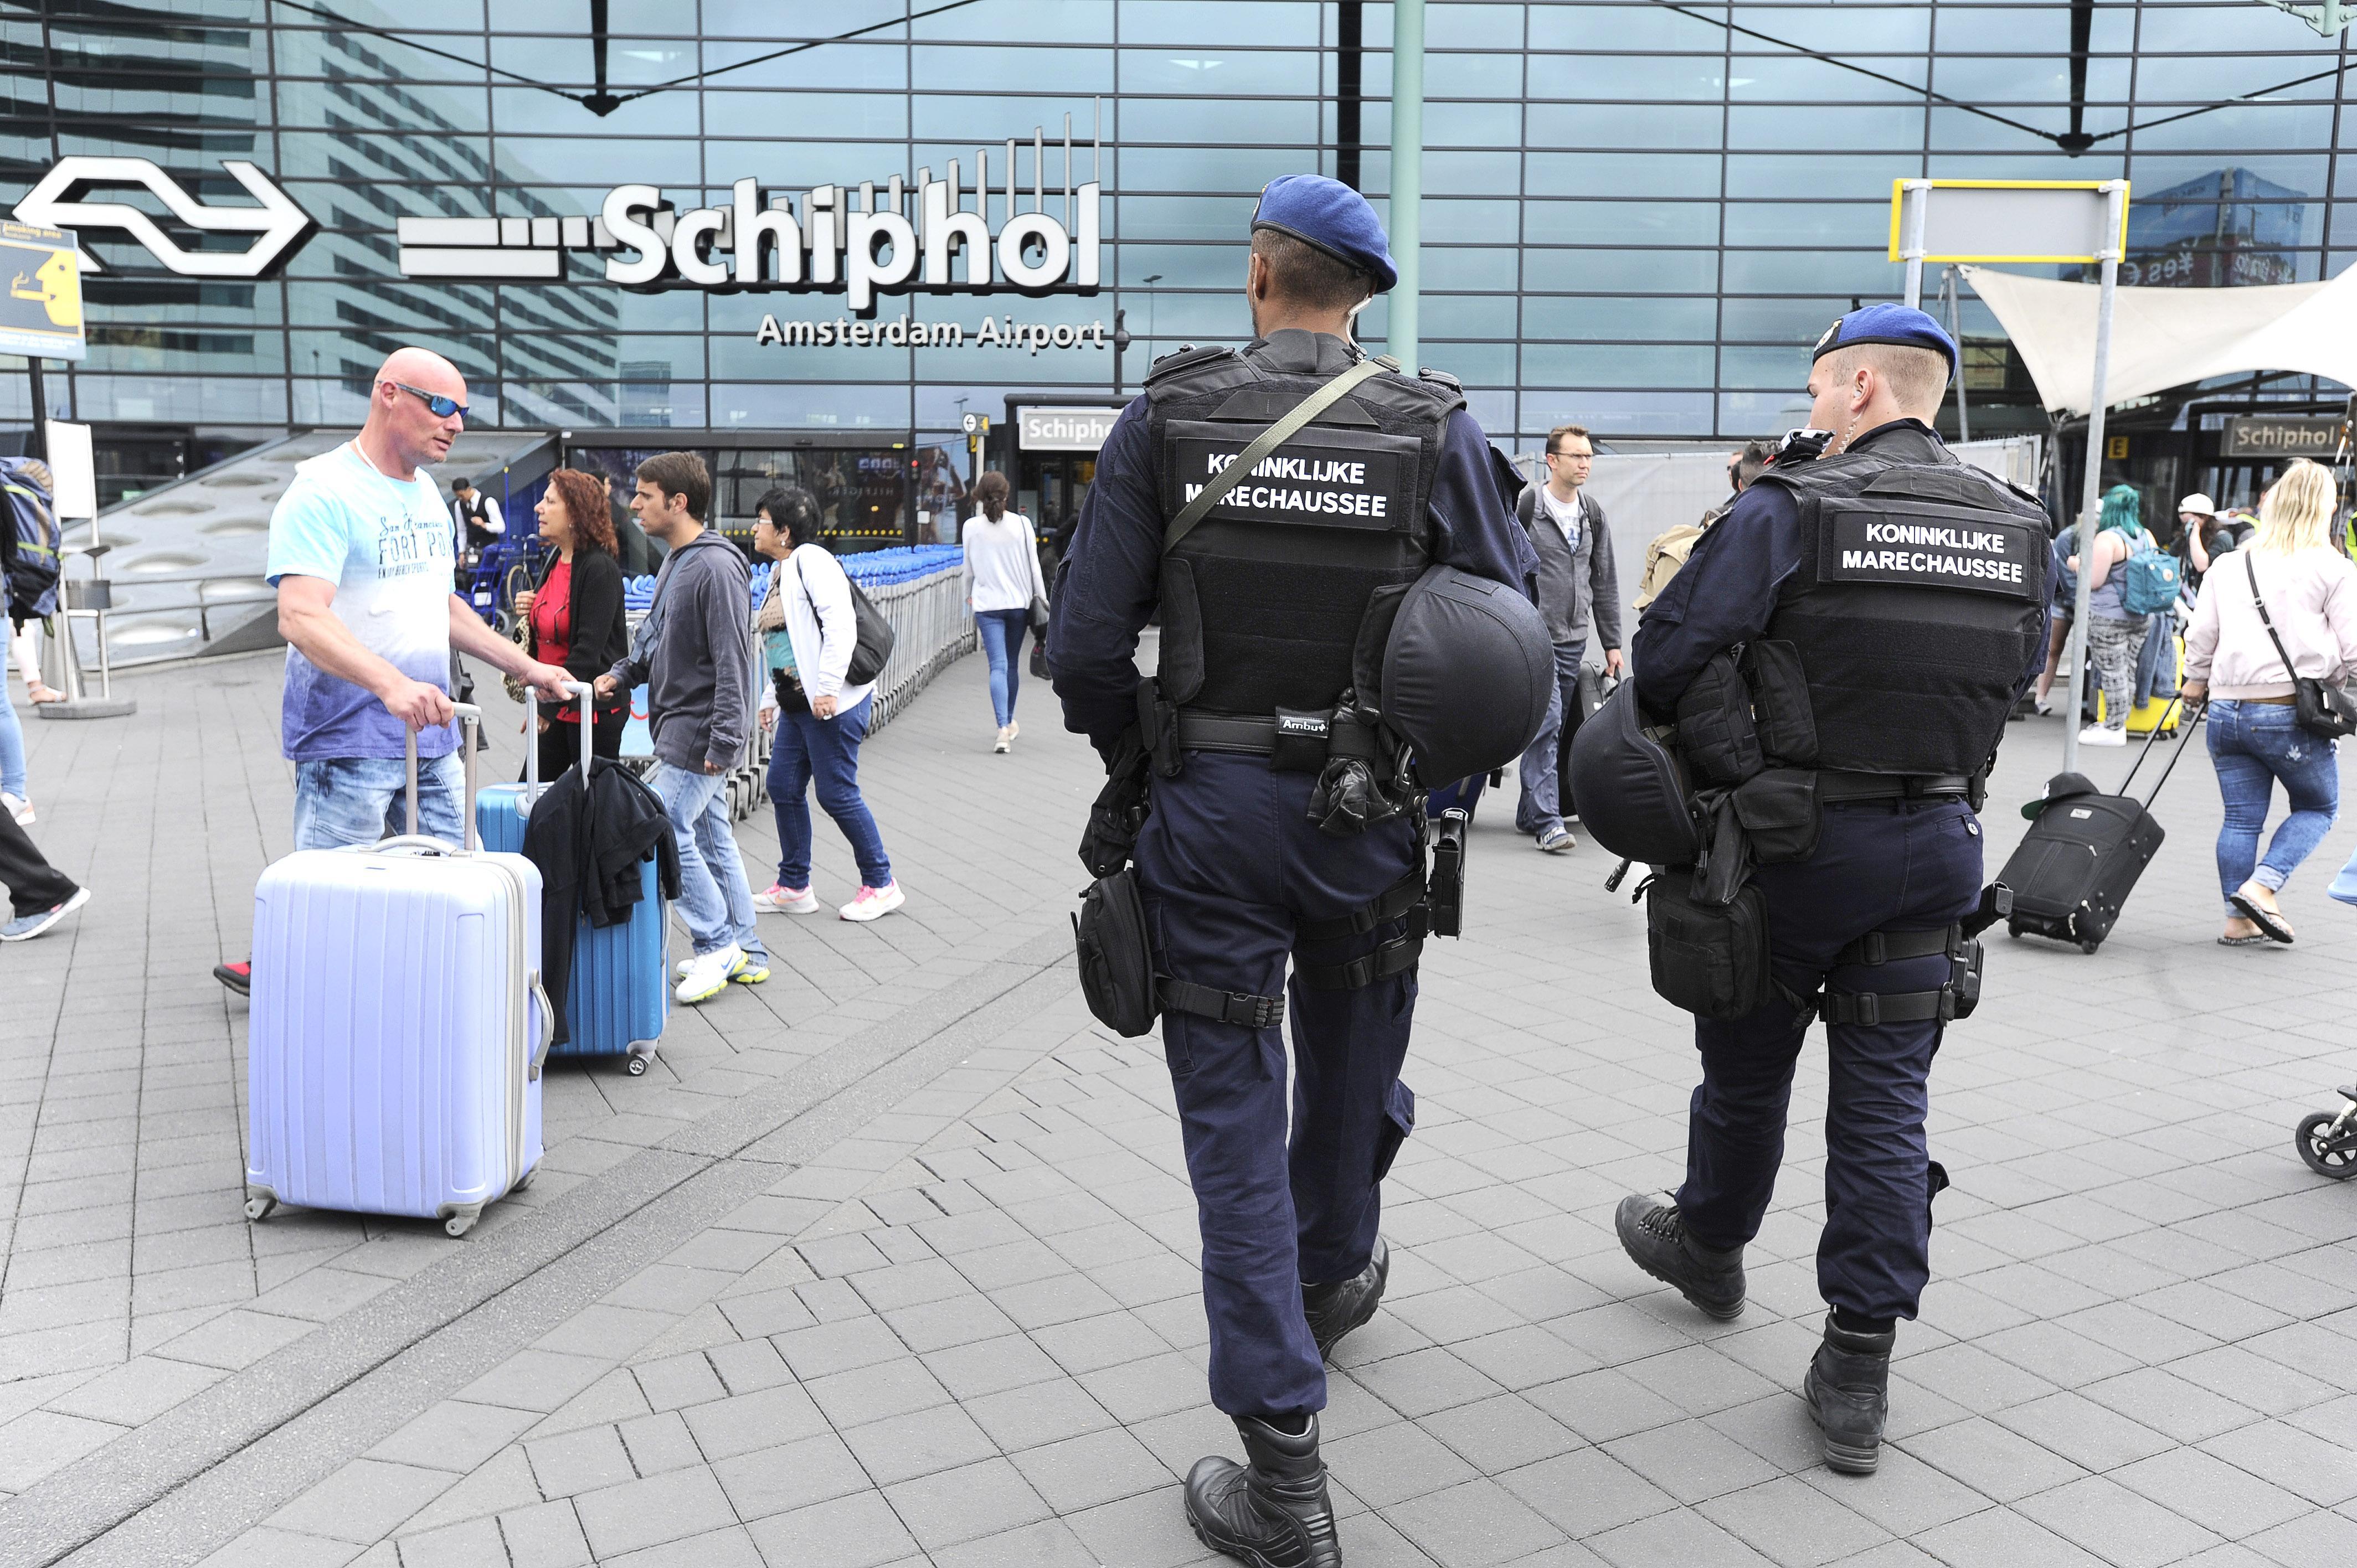 Beverwijker met horloge van anderhalve ton en duizenden euro's aan merkkleding aangehouden op Schiphol